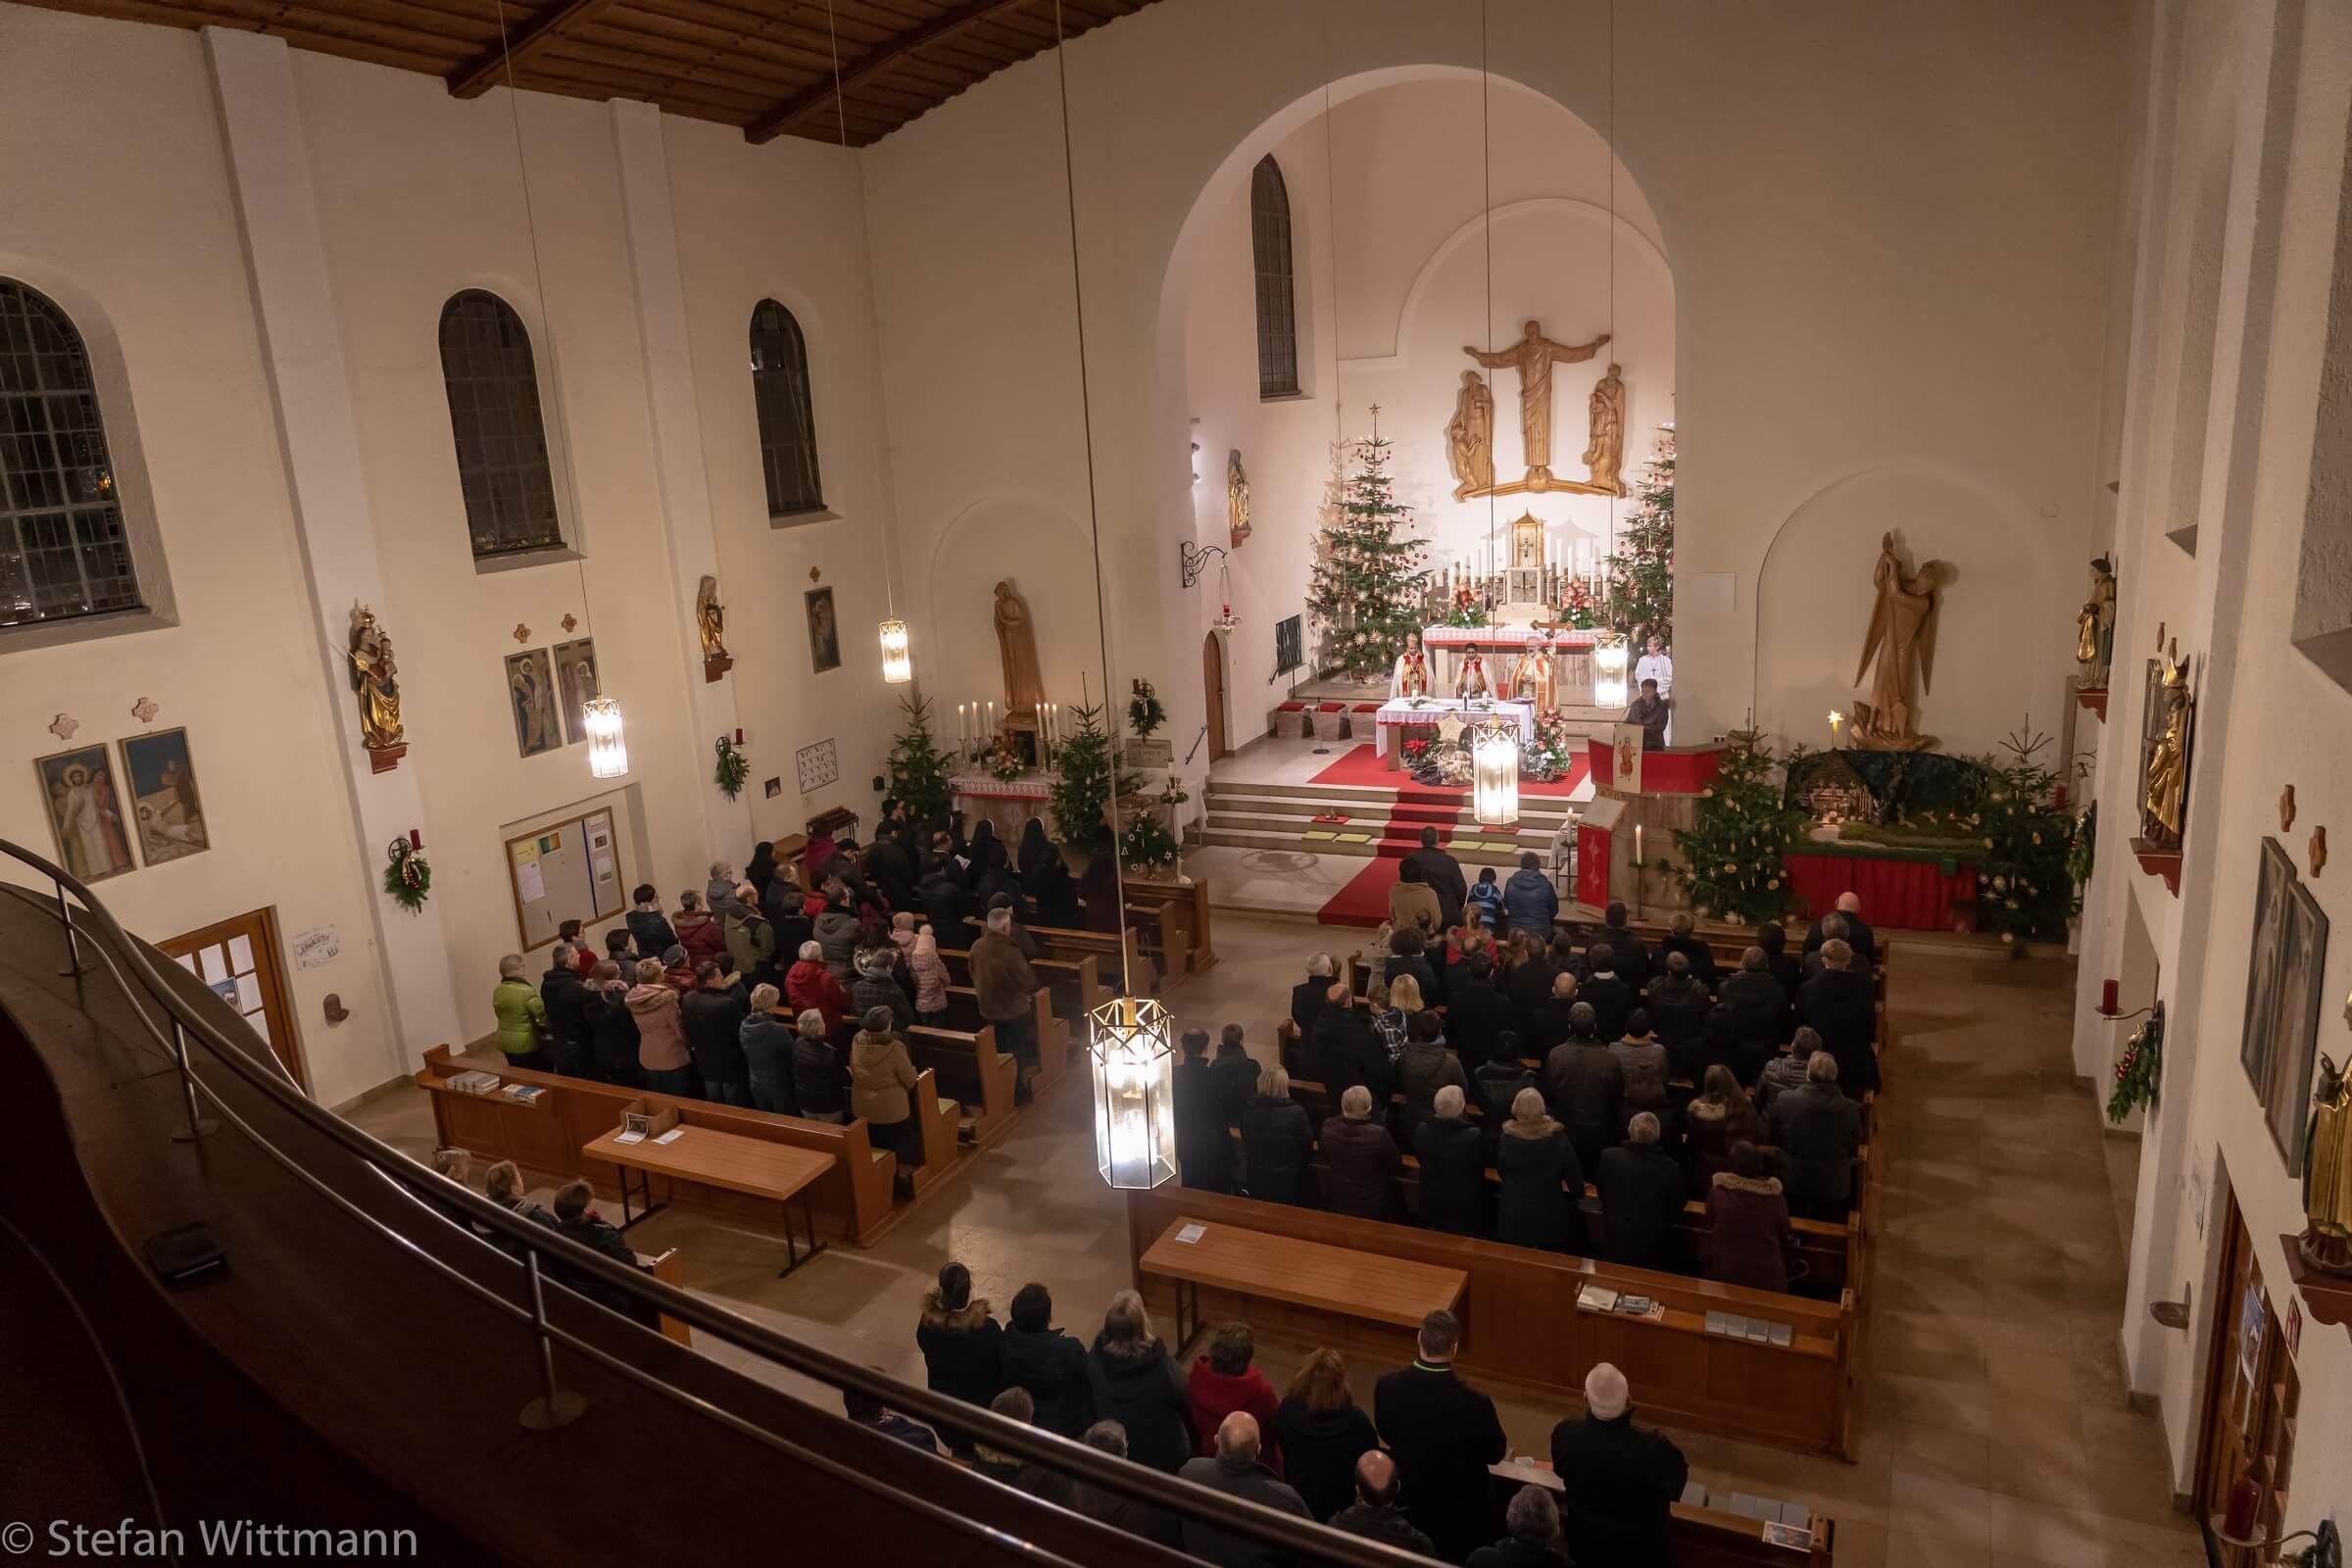 20181230-10 Jahre Priester Joseph - von Wittmann Stefan 20181230172728-DSC01892